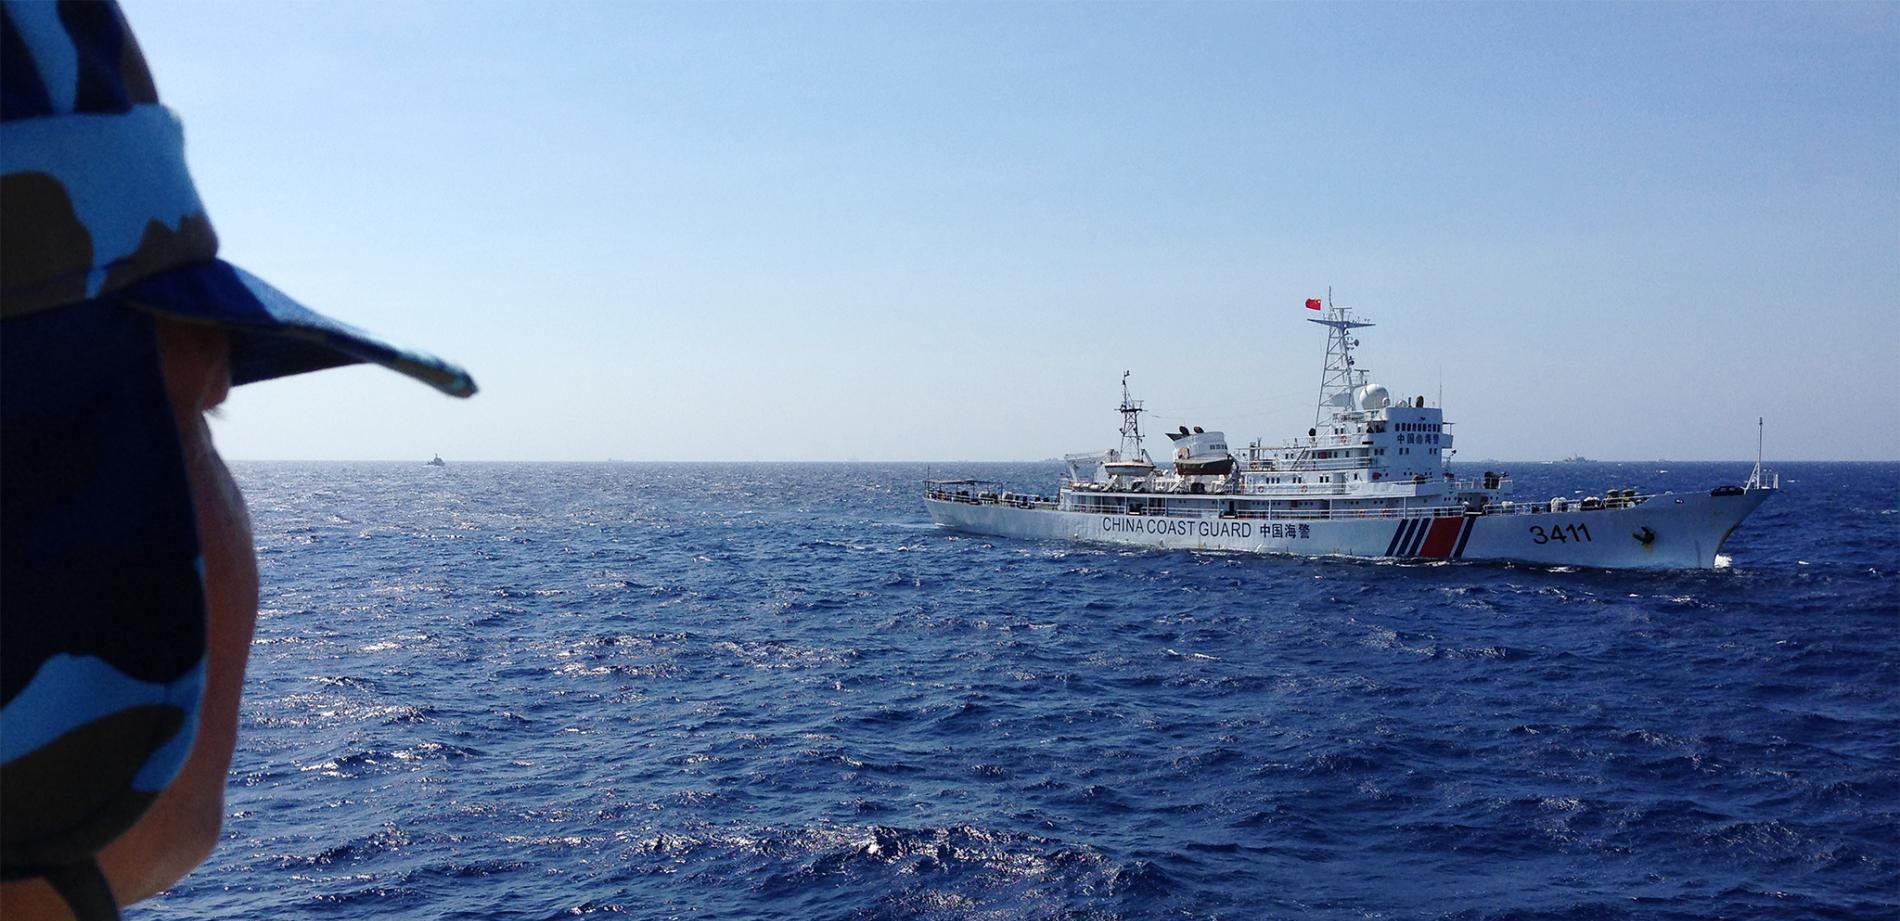 Les gardes-côtes chinois, incarnation de la tension toujours présente en mer de Chine du Sud. (Source : National Geographic)